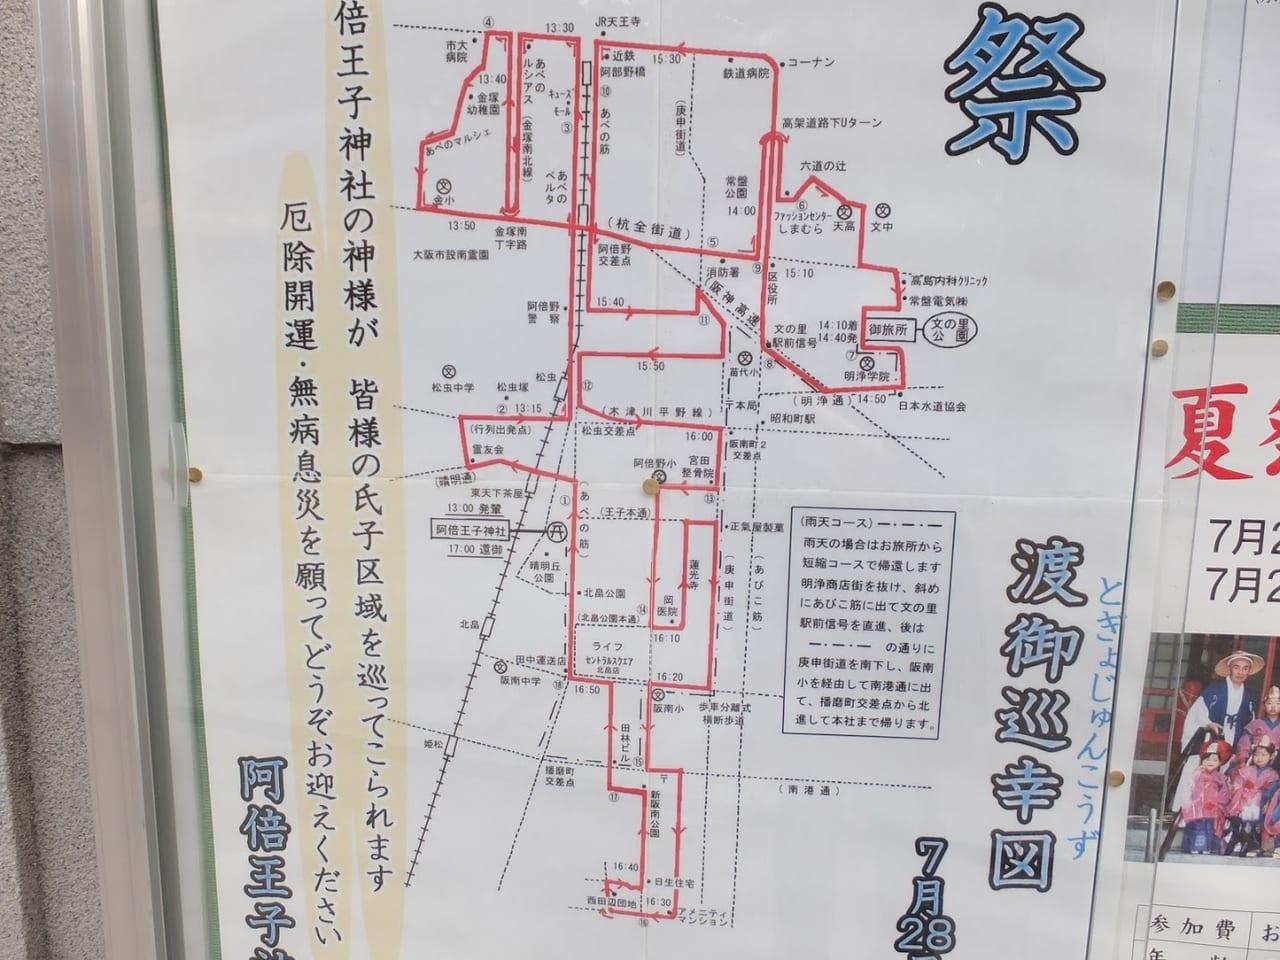 阿倍野王子神社の夏祭りのだんじり巡行